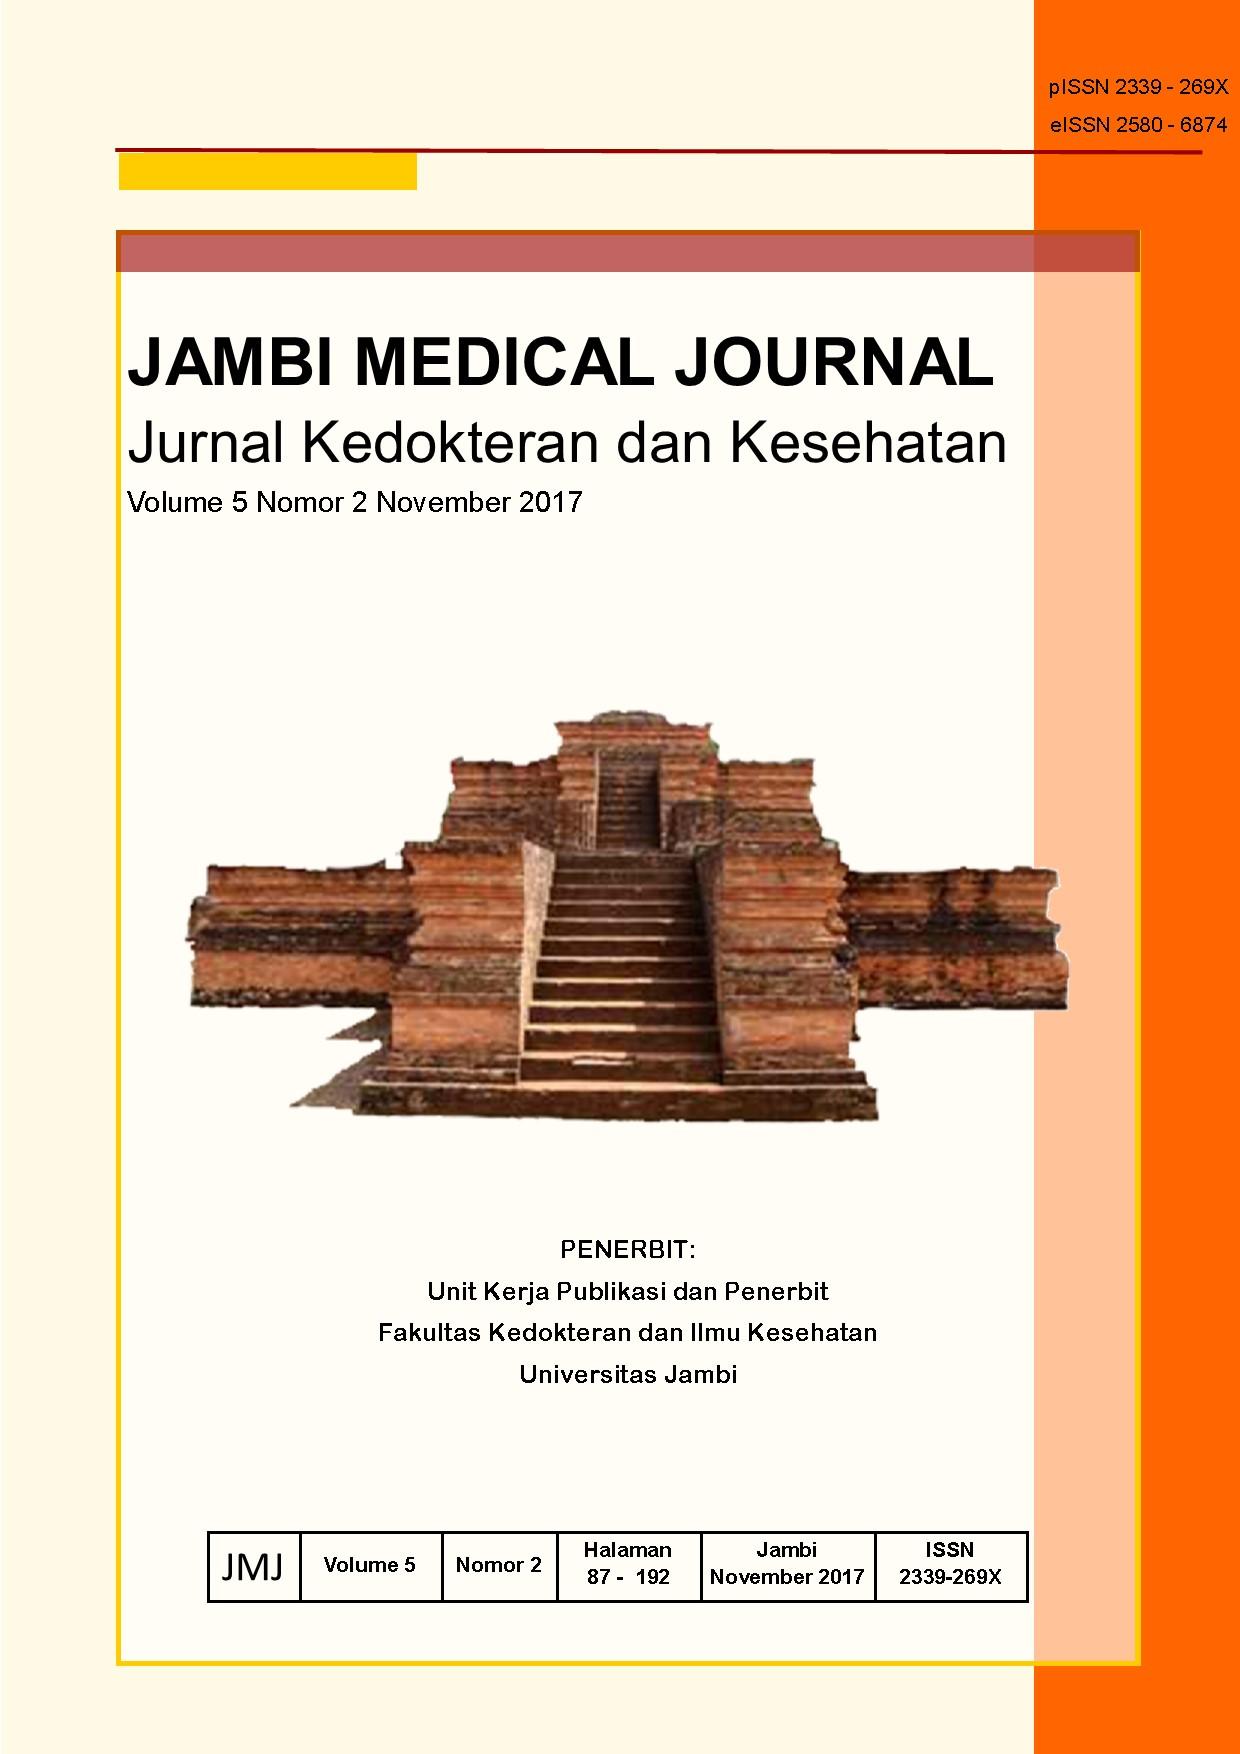 View Vol. 5 No. 2 (2017): JAMBI MEDICAL JOURNAL Jurnal Kedokteran dan Kesehatan